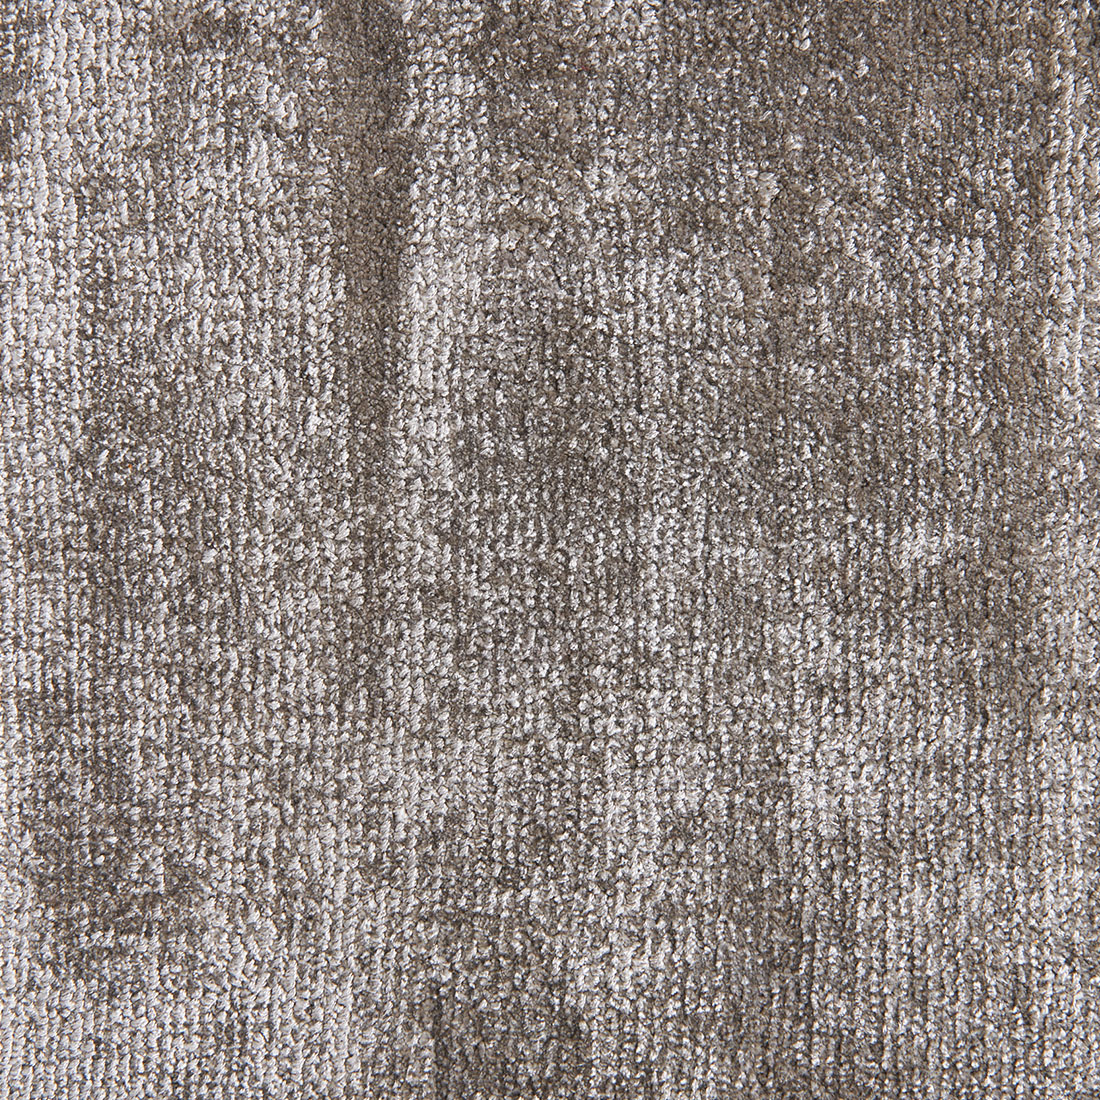 Vloerkleed Brinker Essence Grey | 170 x 230 cm